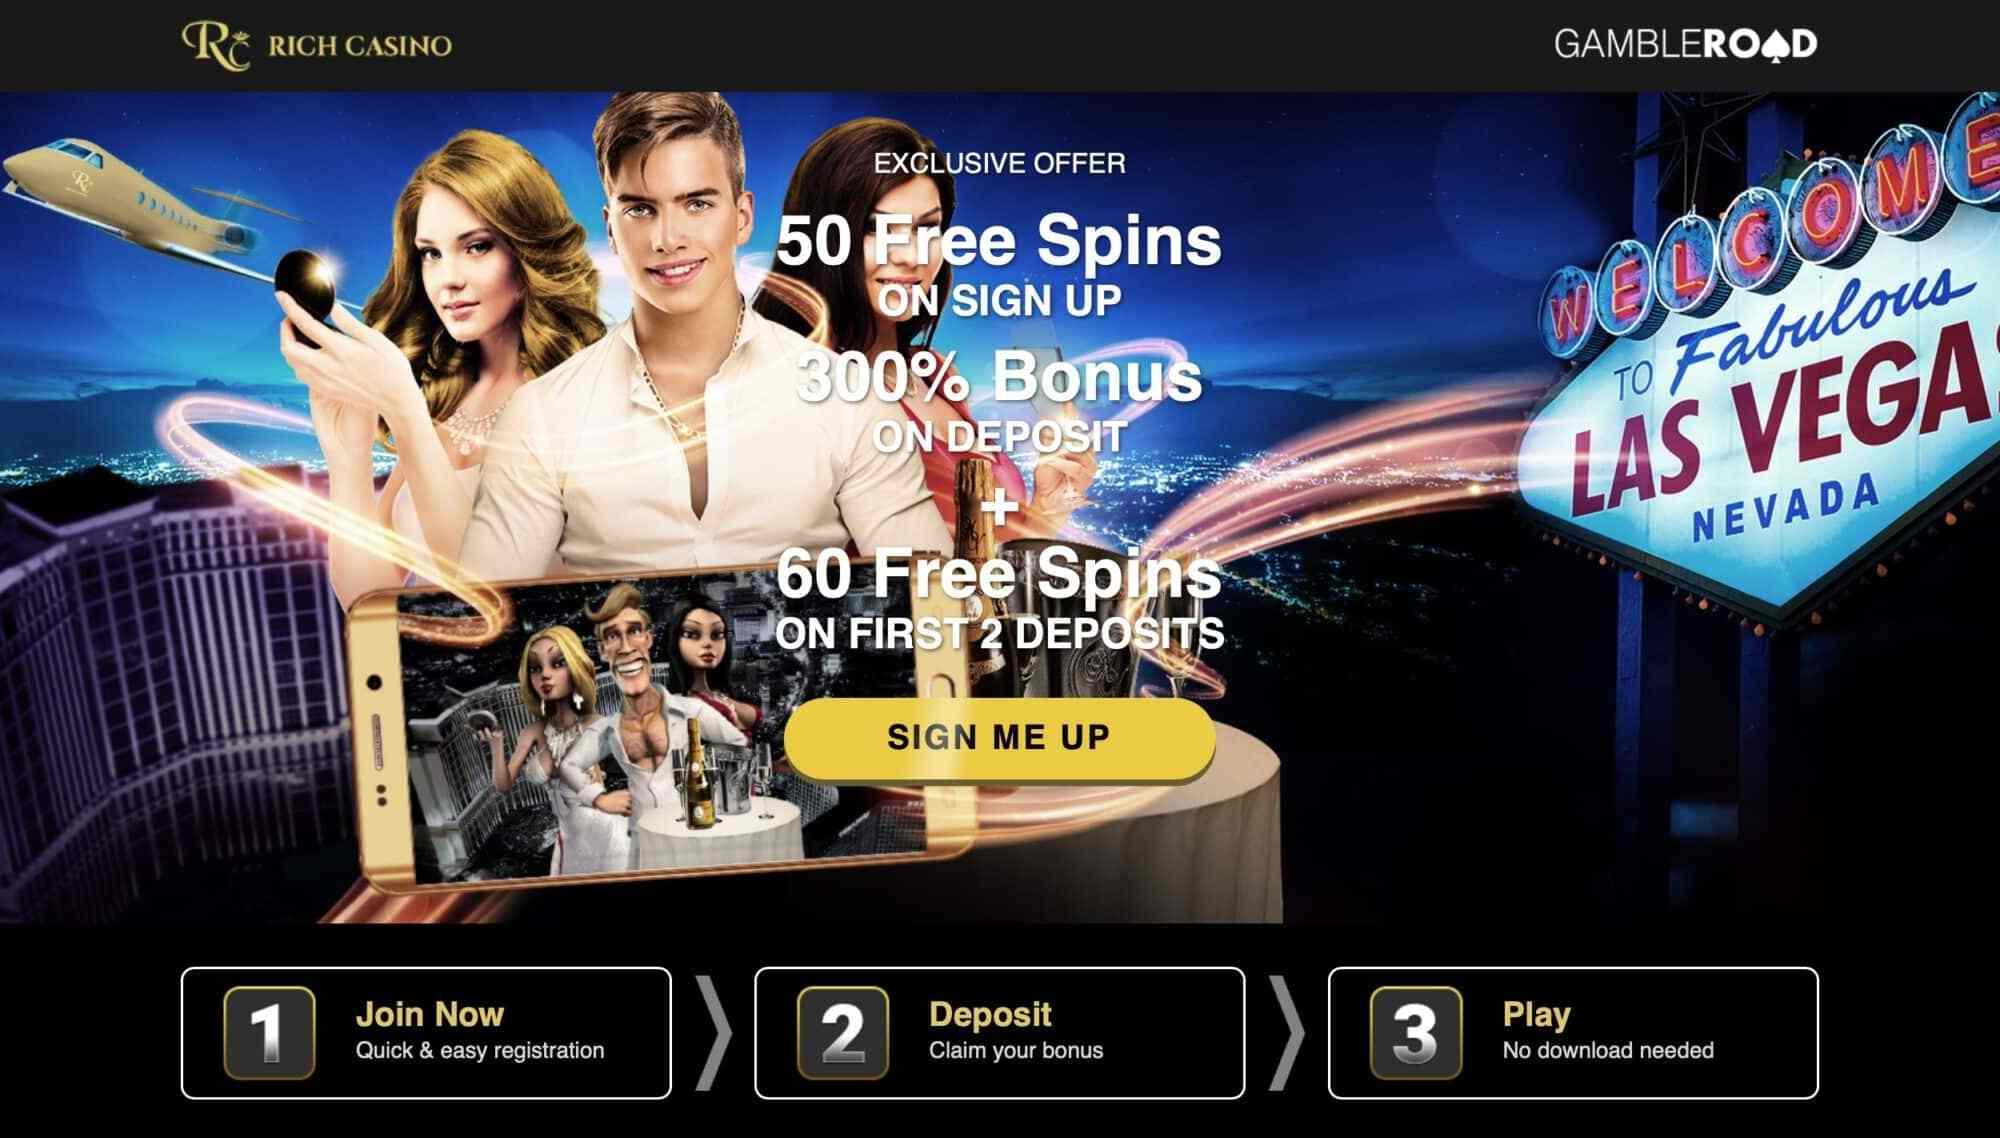 Rich Casino - Get 50 Free Spins + 300% Deposit Bonus